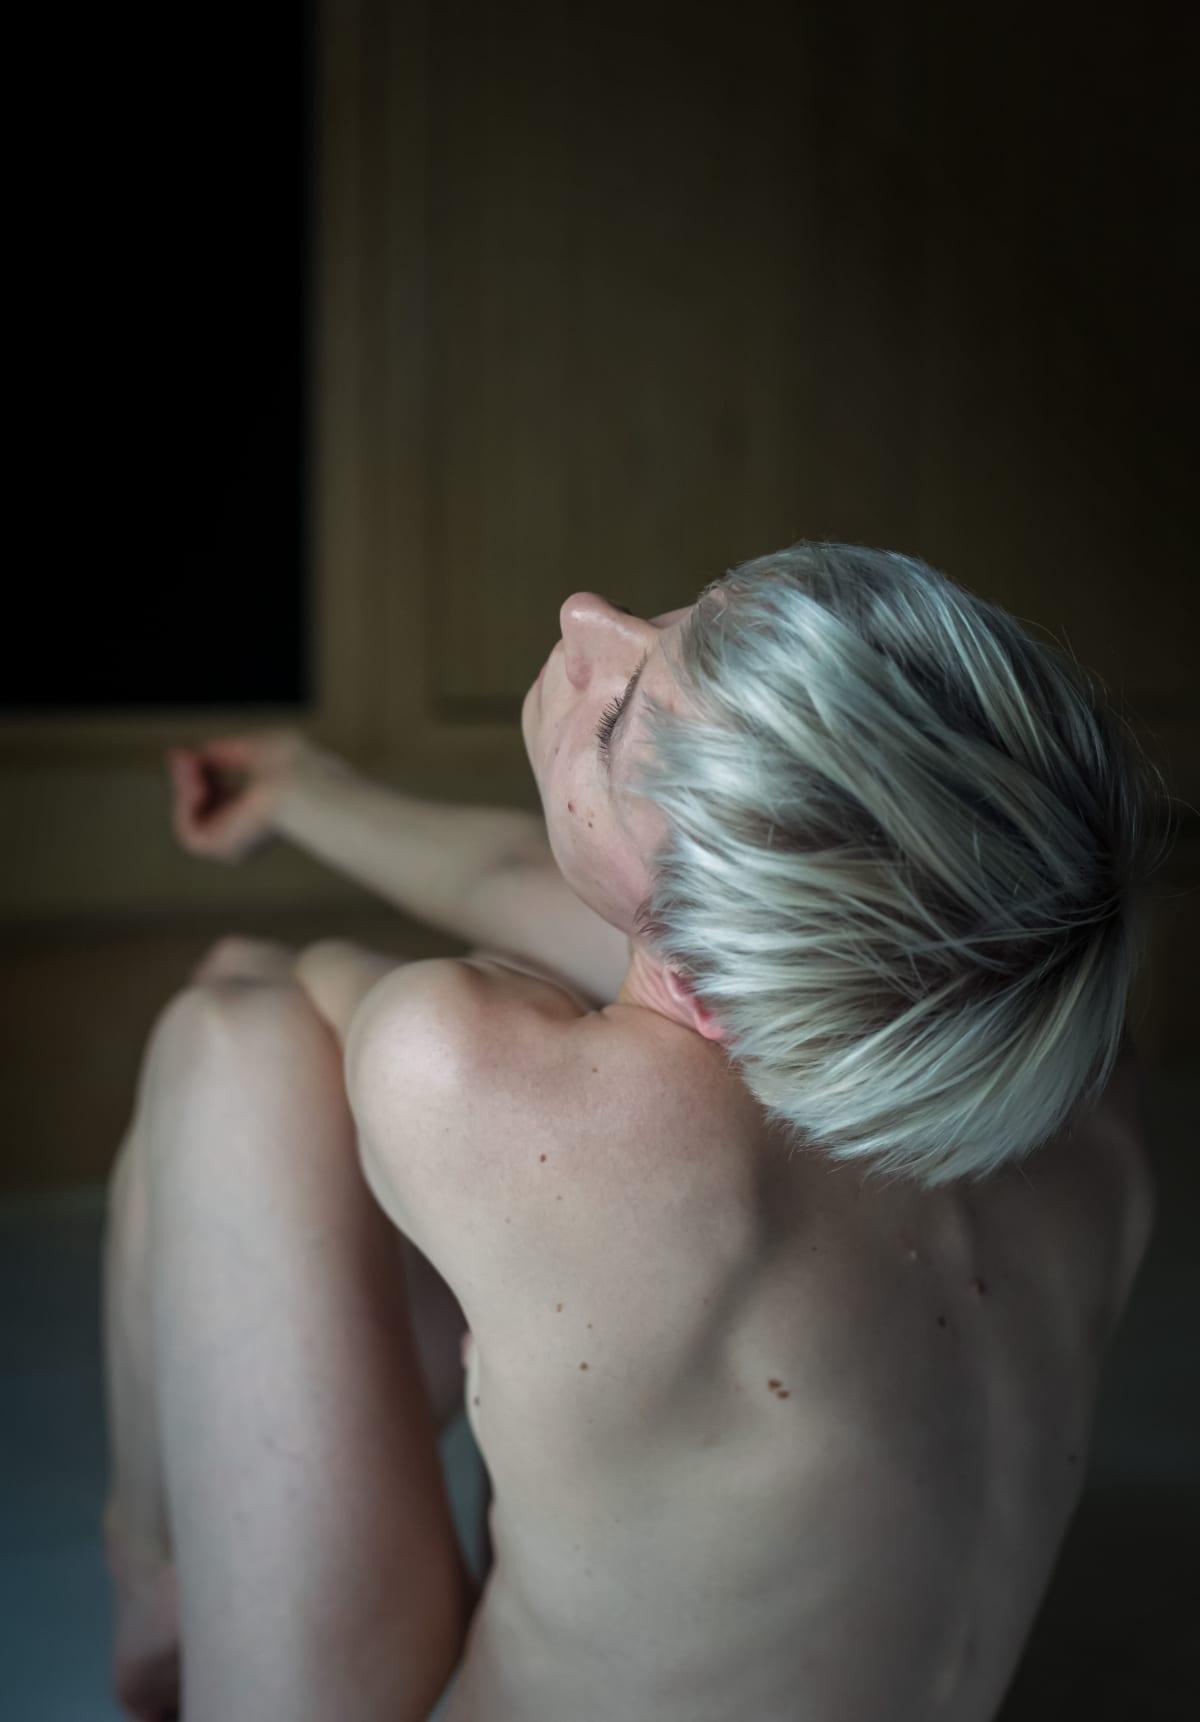 Puolison sairastuminen syöpään johti tanssiteokseen Syöpäsi minussa. Ismo-Pekka Heikinheimon koreogafian tanssii Tanja Illukka.